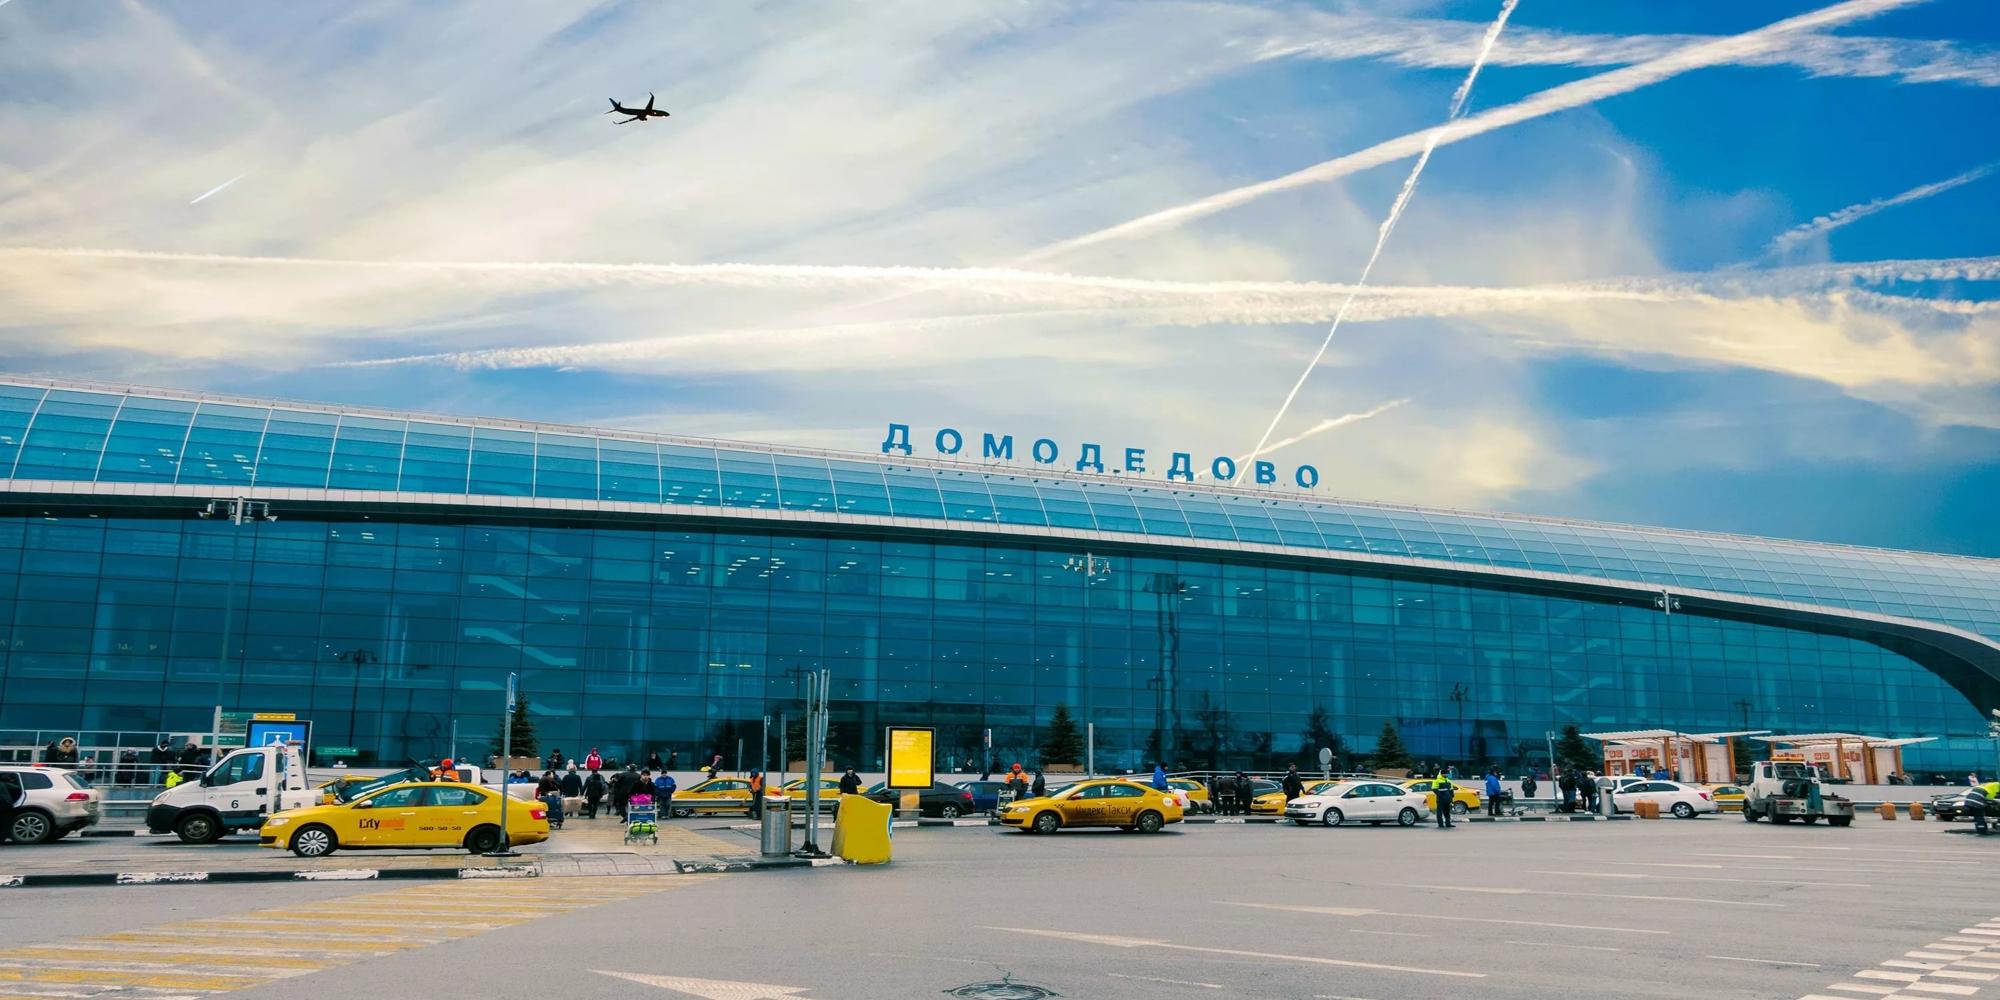 «Домодедово»: самый большой поток пассажиров ожидается 30 декабря